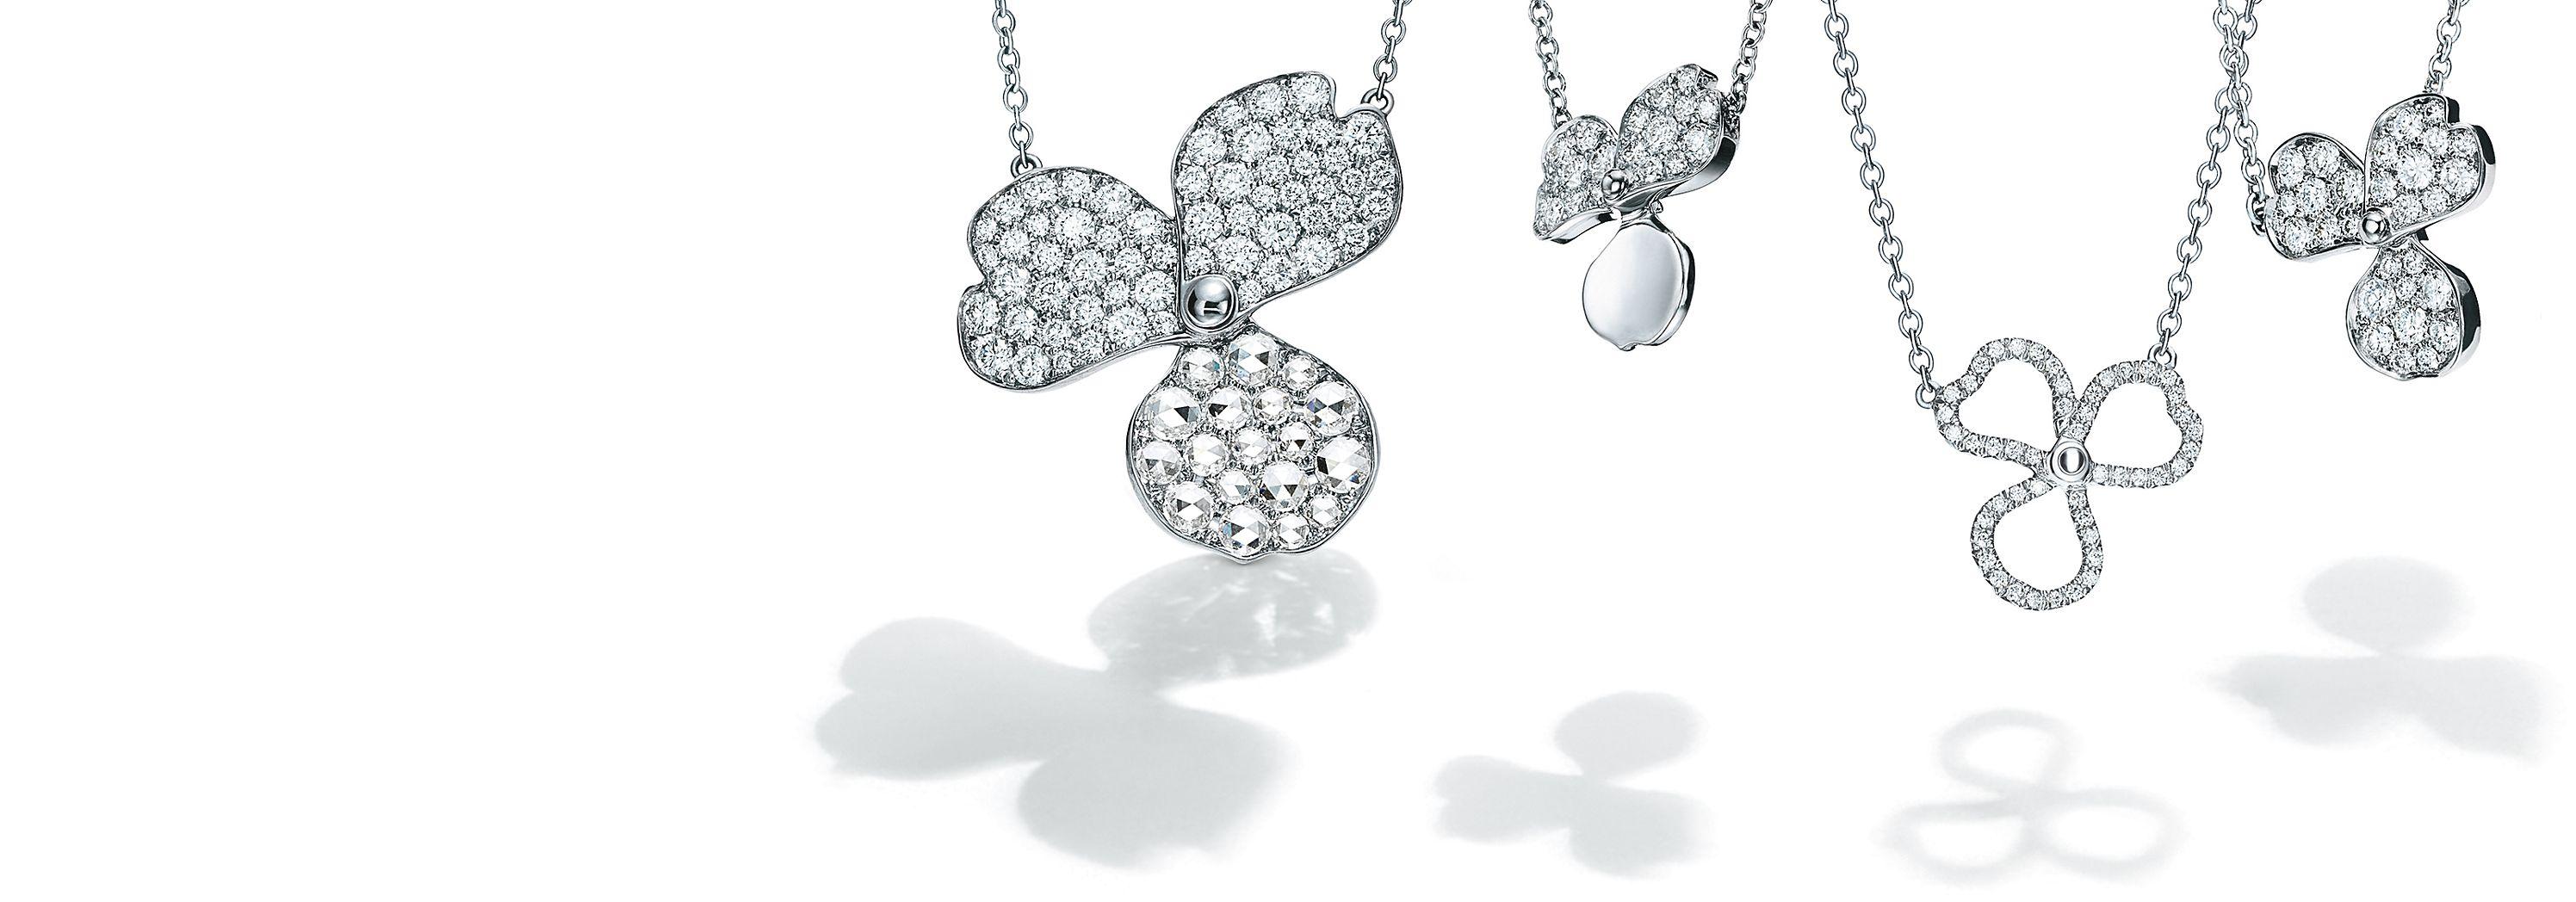 7c907a52a8dda Shop Tiffany Jewellery Online | Tiffany & Co.